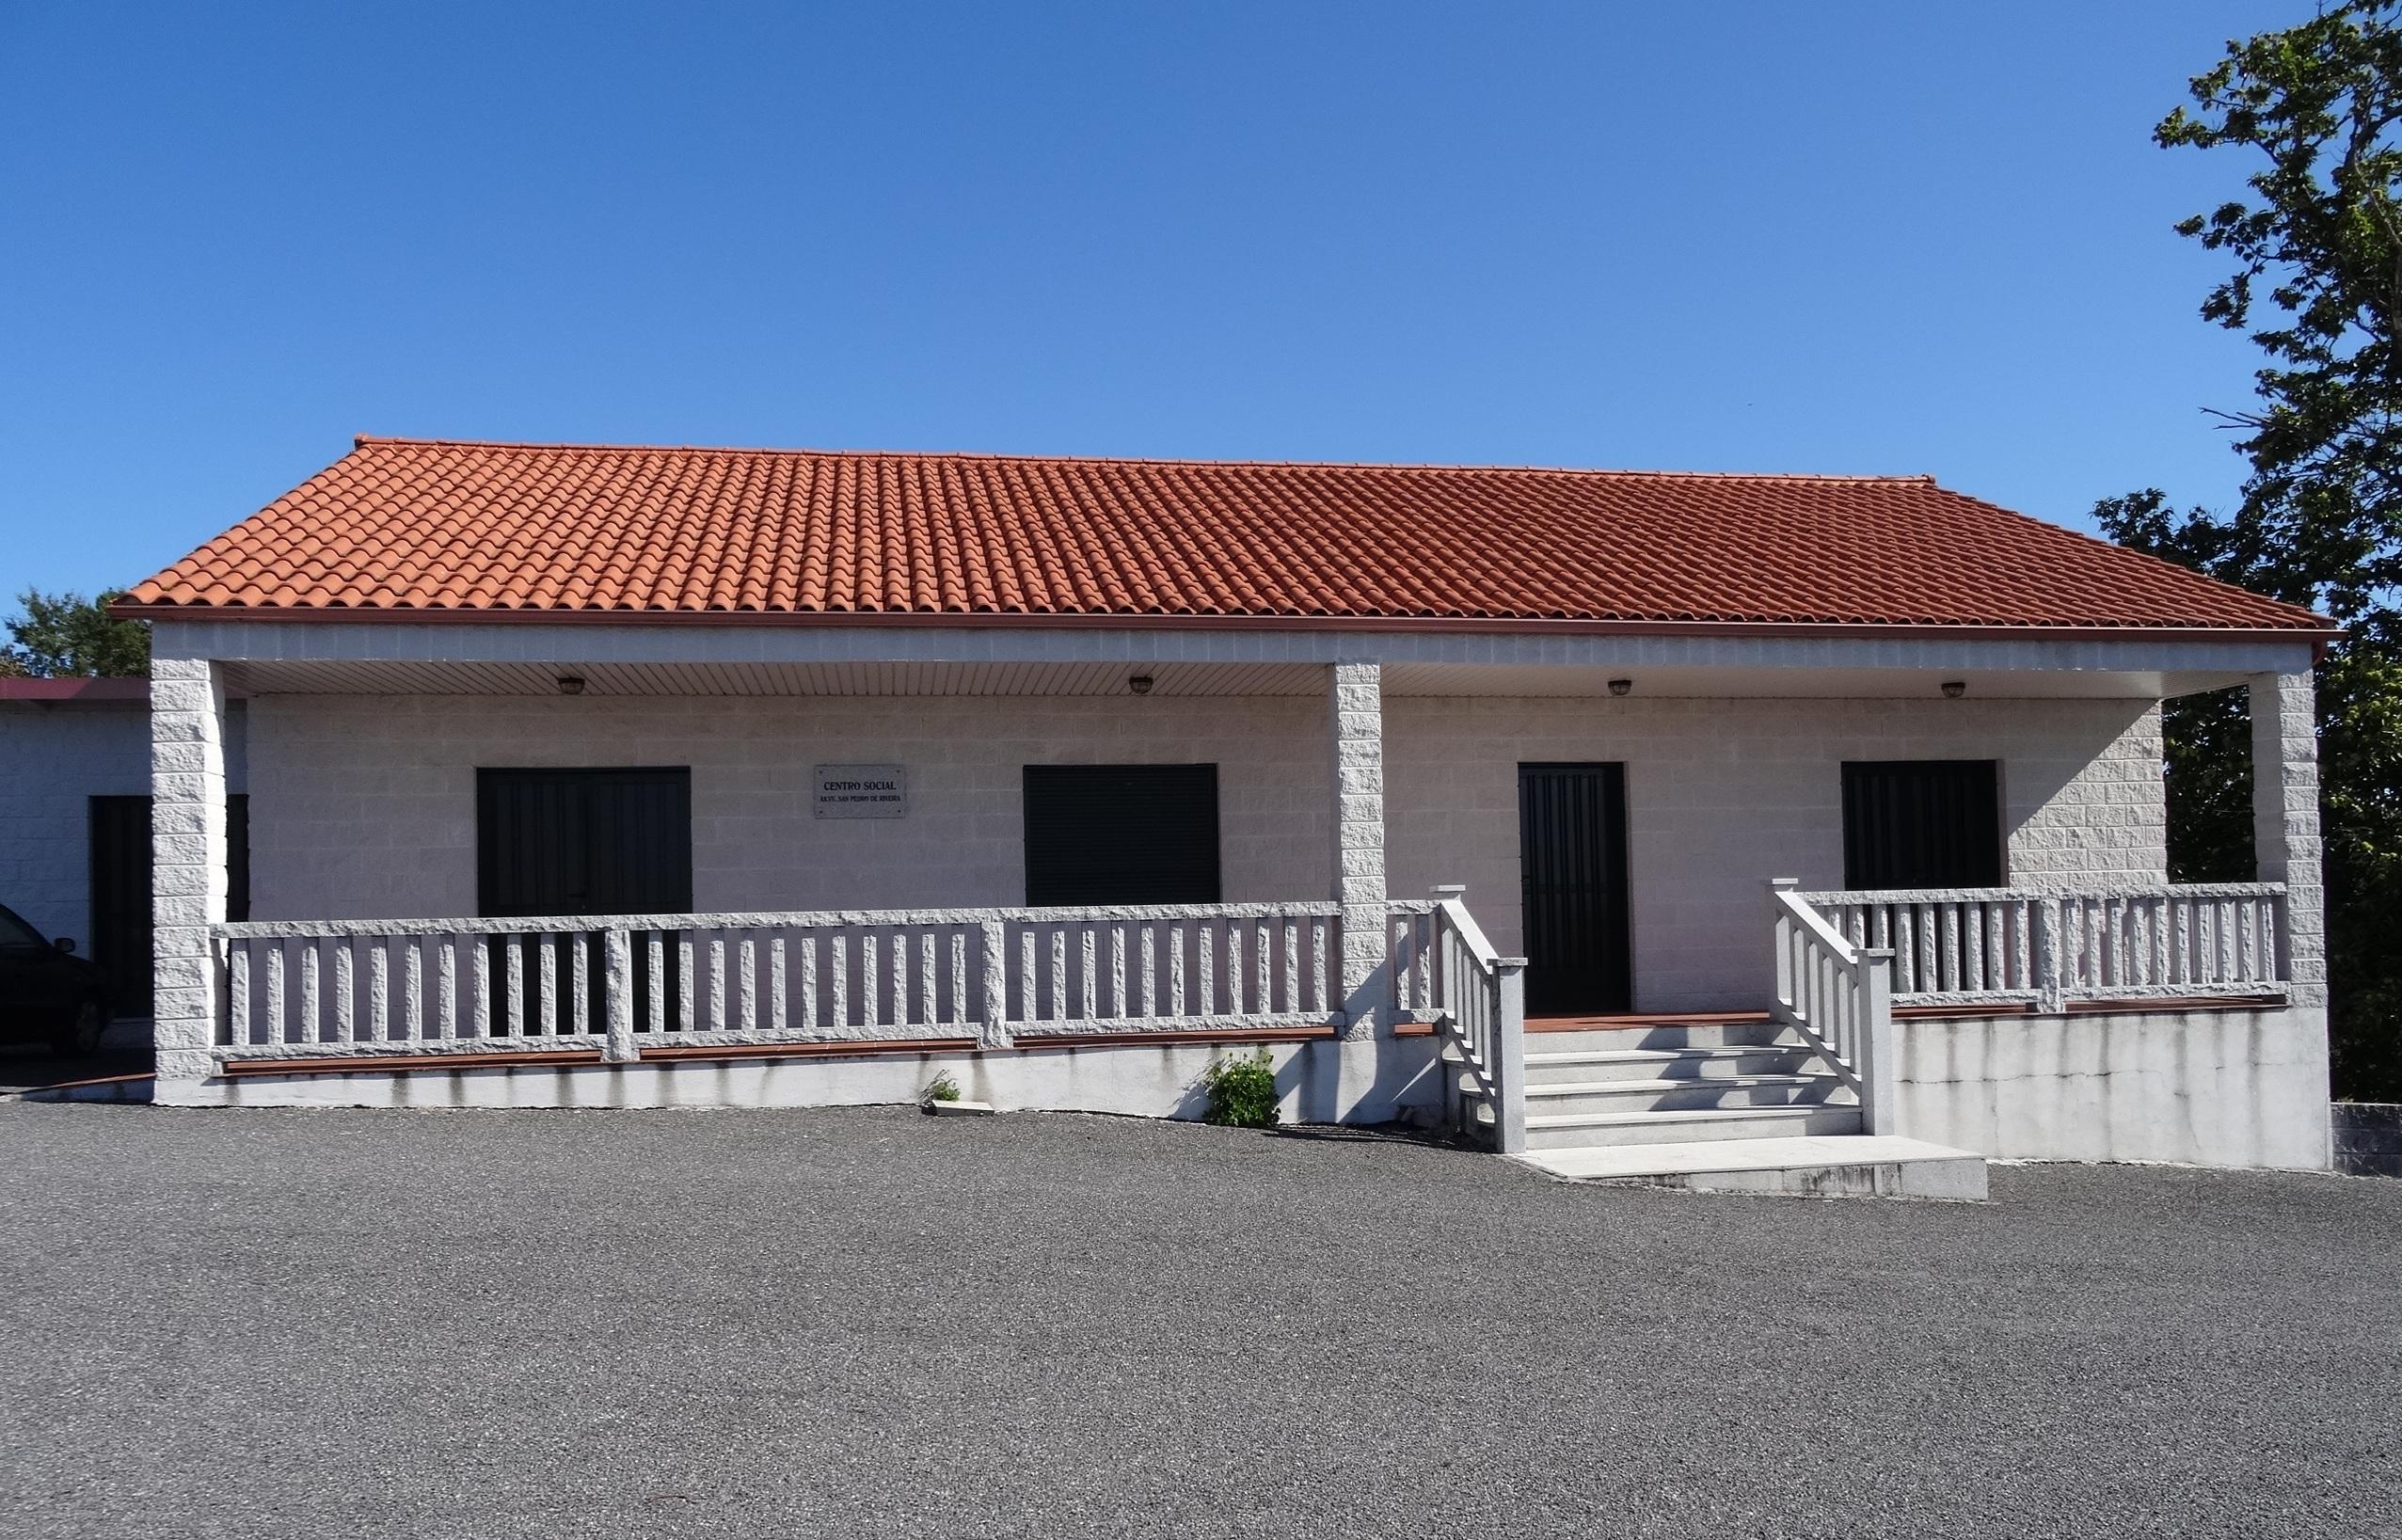 File centro social aavv san pedro de ribeira ba os de molgas ourense wikimedia commons - Banos de molgas ...